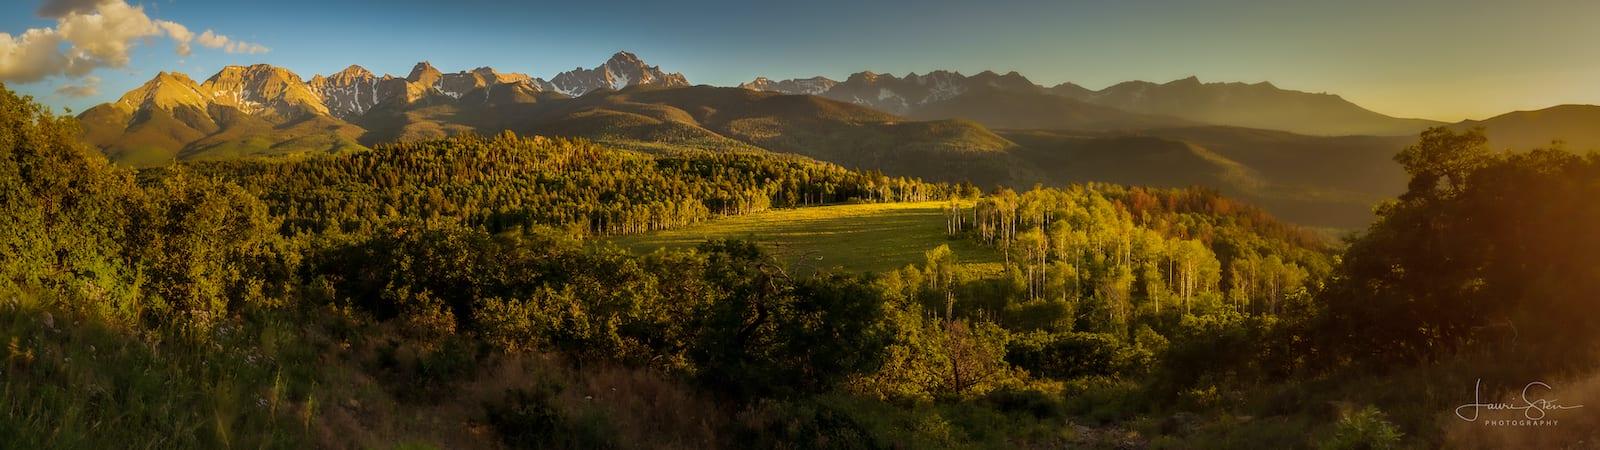 Panorama Pegunungan Sneffels Hutan Nasional Uncompahgre